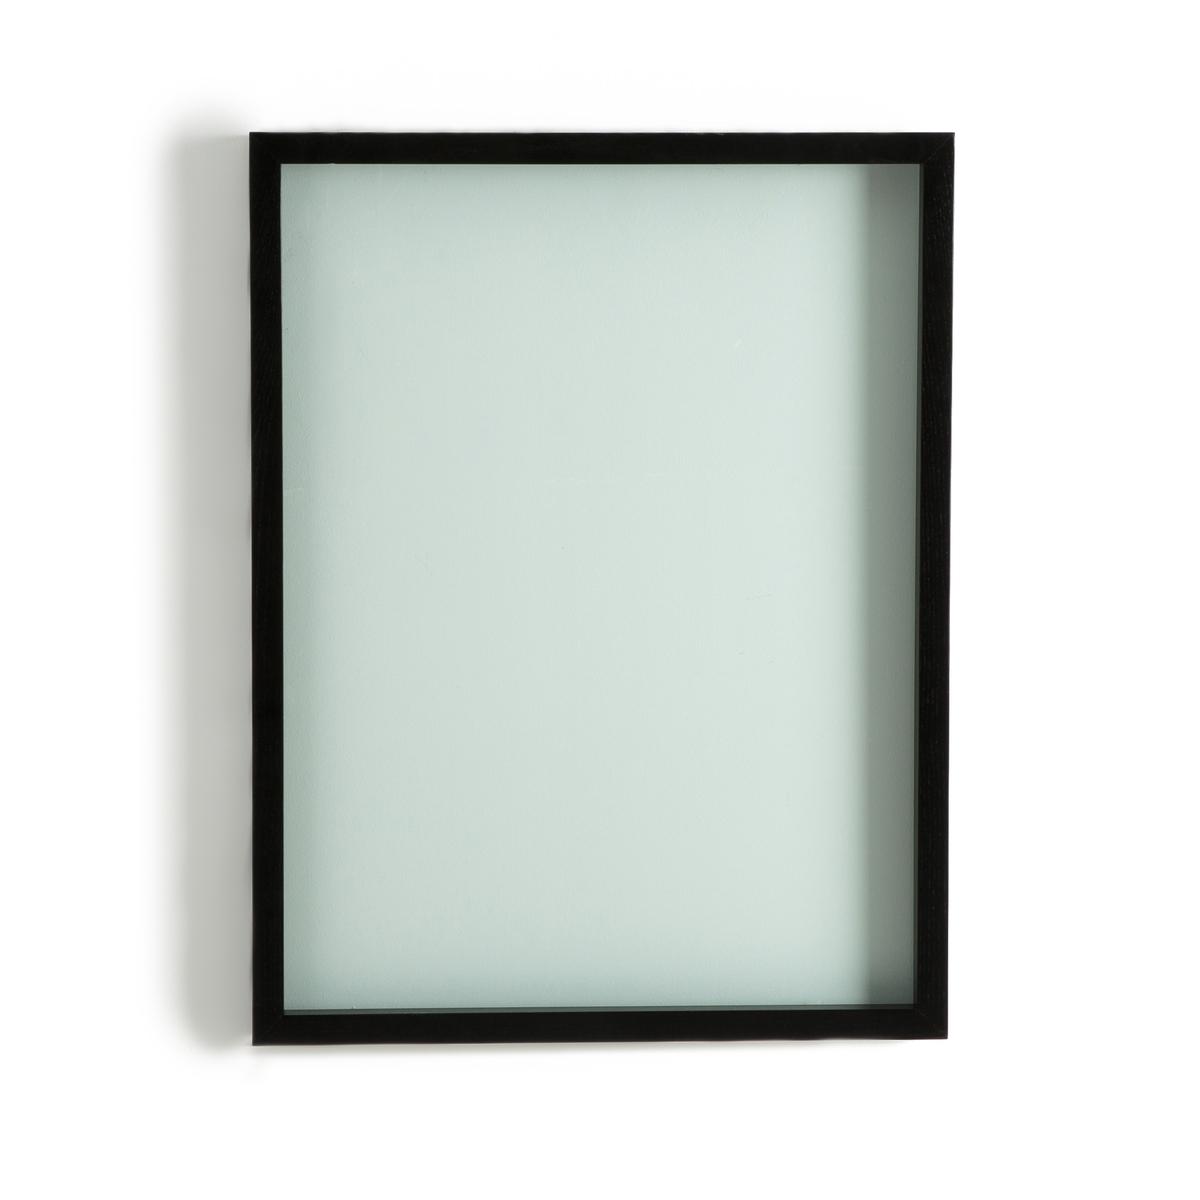 Рамка 3D DidaraРамка 3D Didara. Красивая и оригинальная рамка с двойным стеклом идеальна для размещения Ваших фотографий или растений..... Описание : Рамка из древесины ясеня черного цвета.Двойное стекло: толщина 1,2 см.Размеры - 66 x 86 см<br><br>Цвет: черный